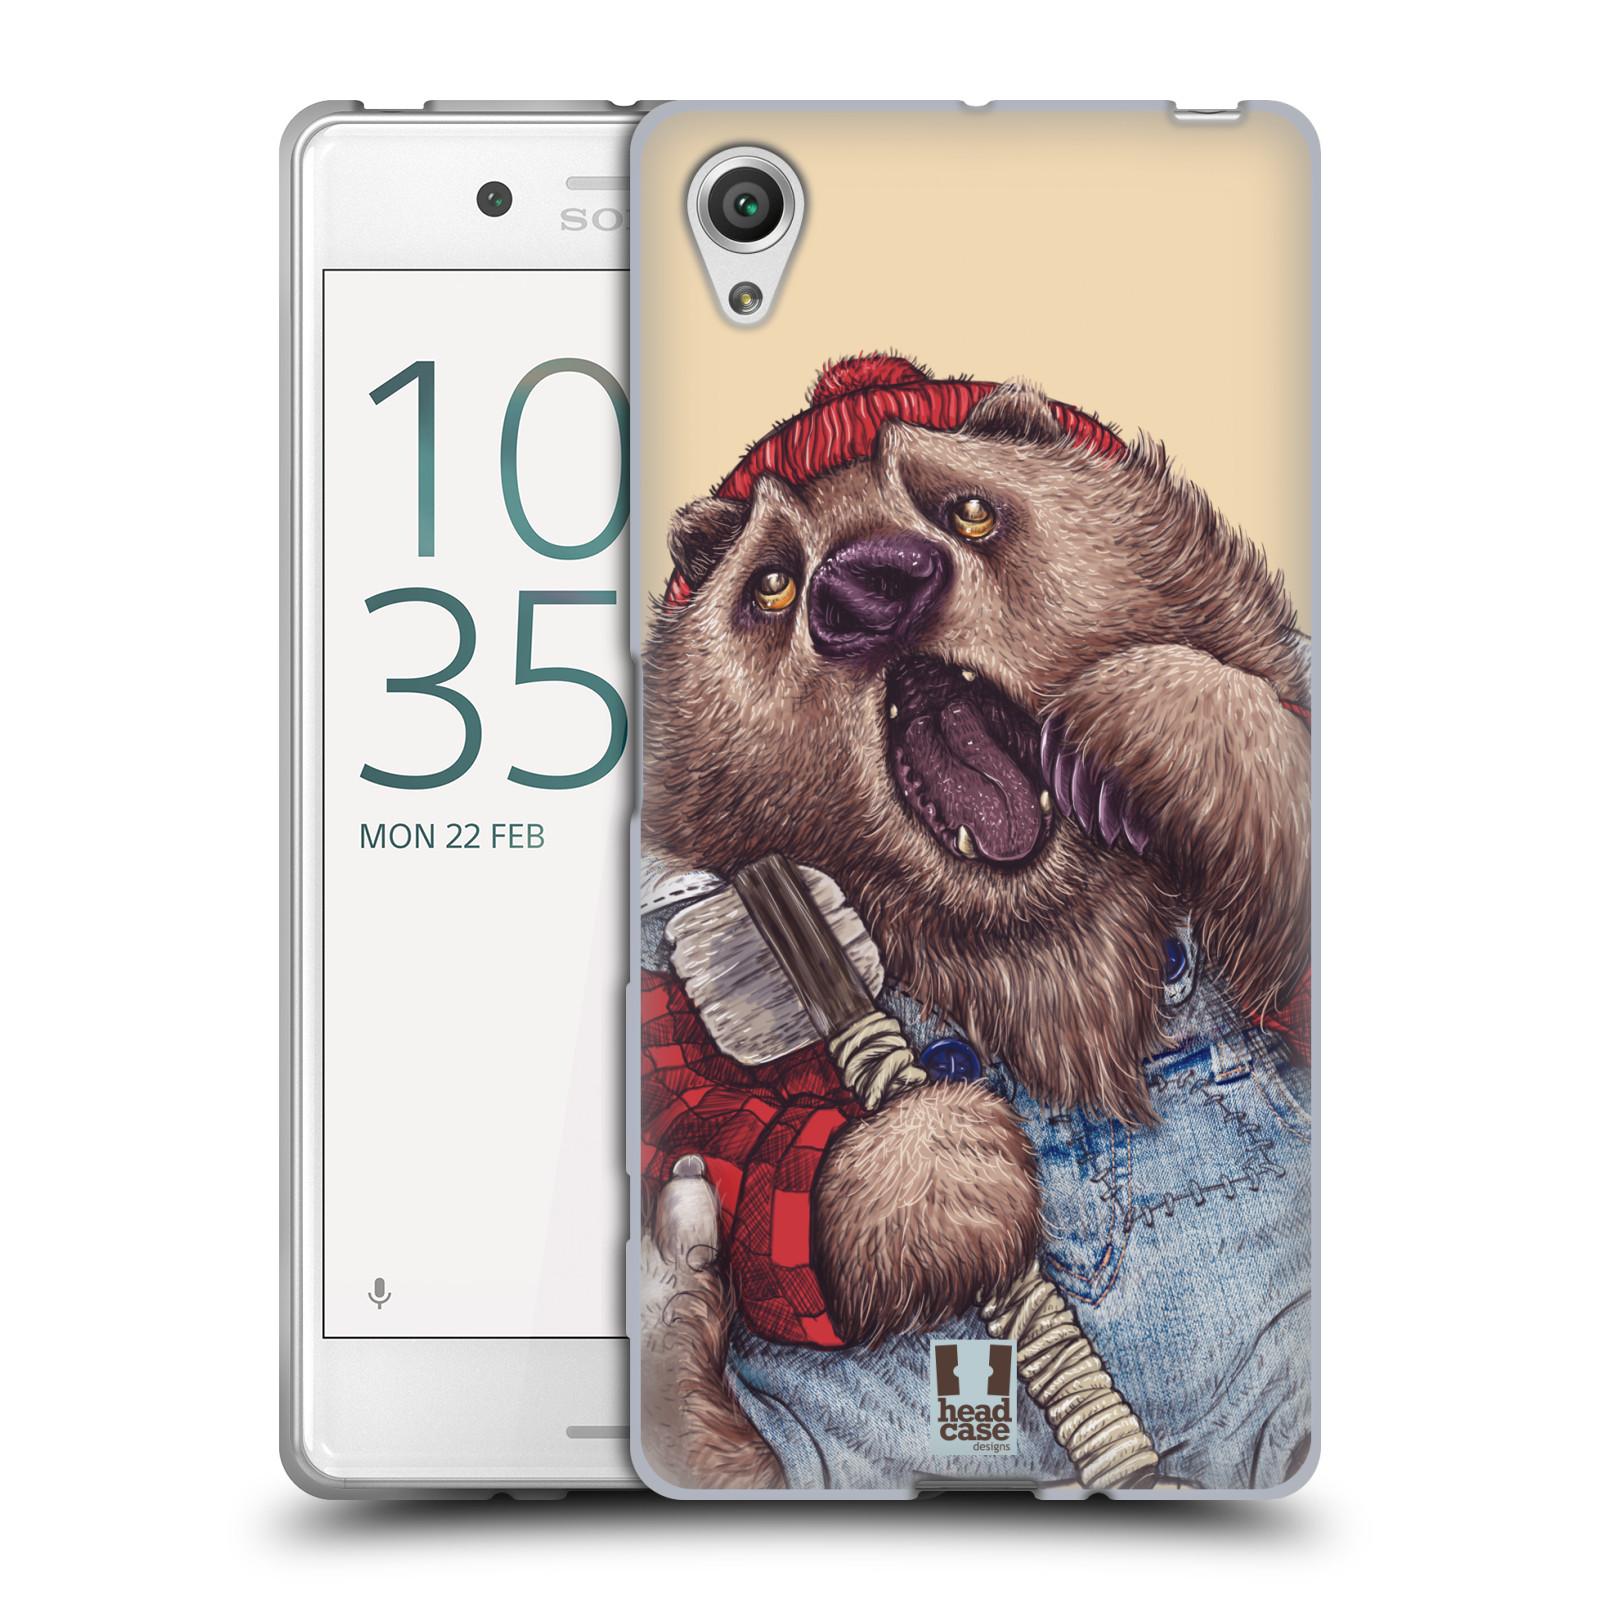 HEAD CASE silikonový obal na mobil Sony Xperia X / X DUAL vzor Kreslená zvířátka medvěd